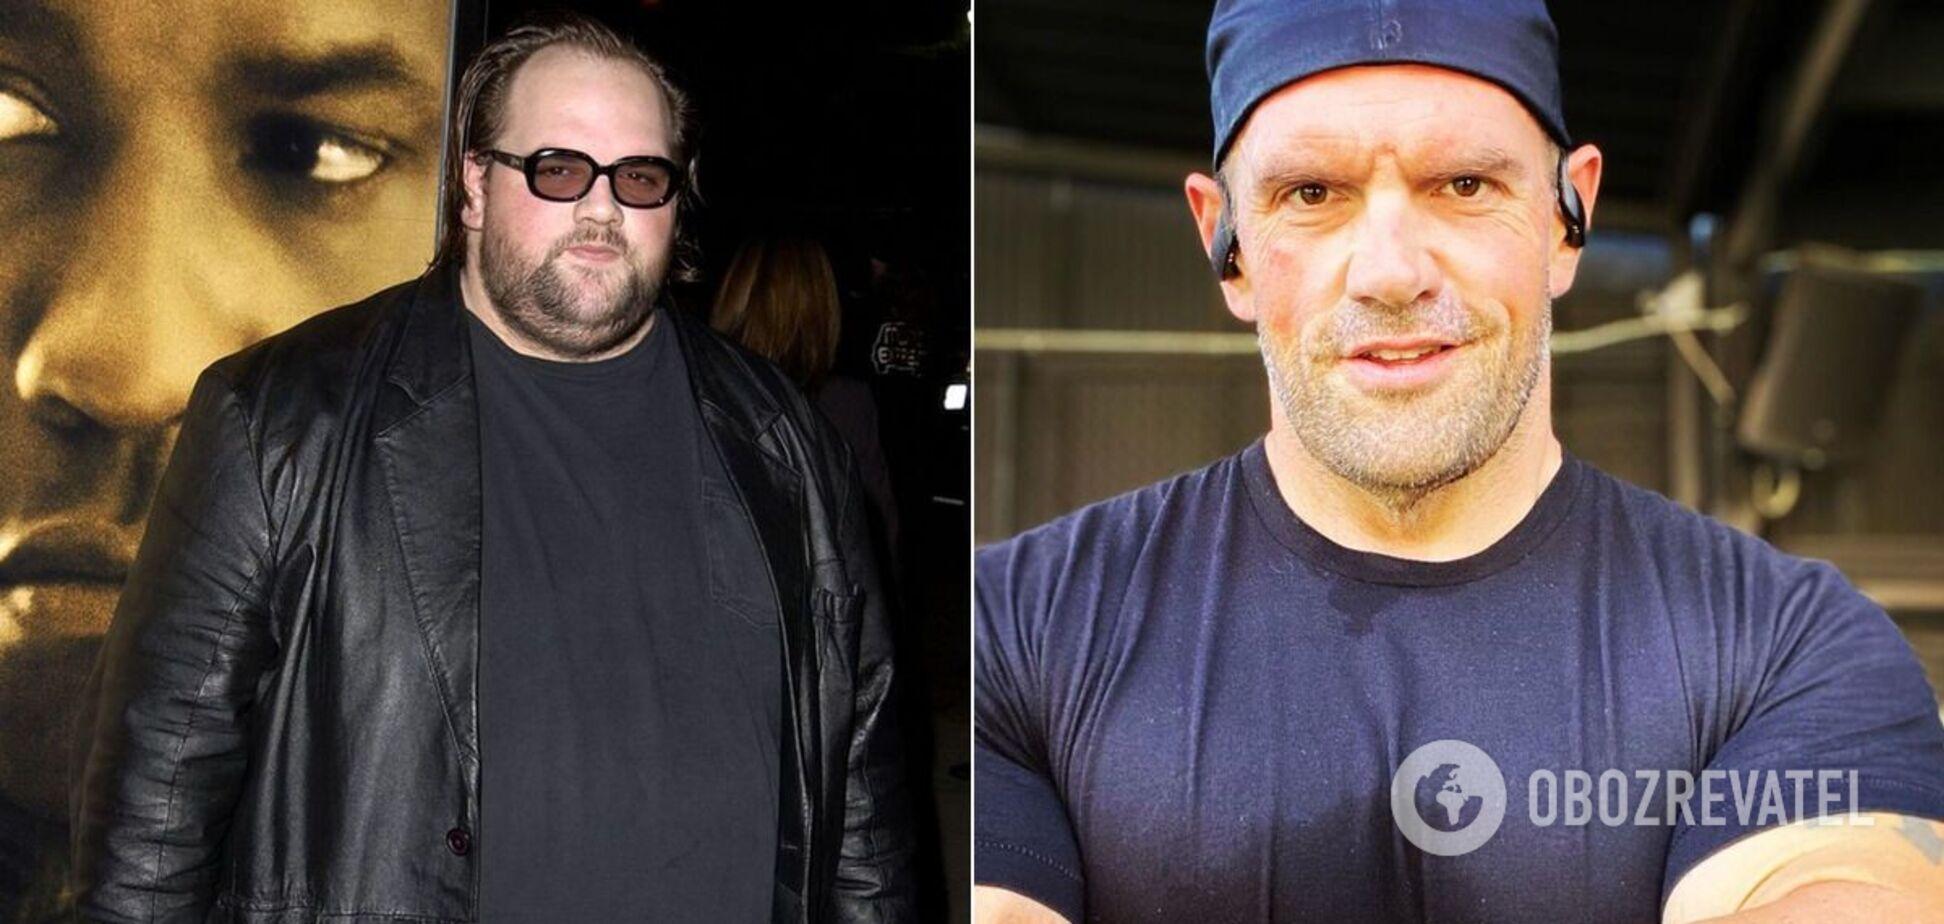 Итан Сапли похудел на 90 кг